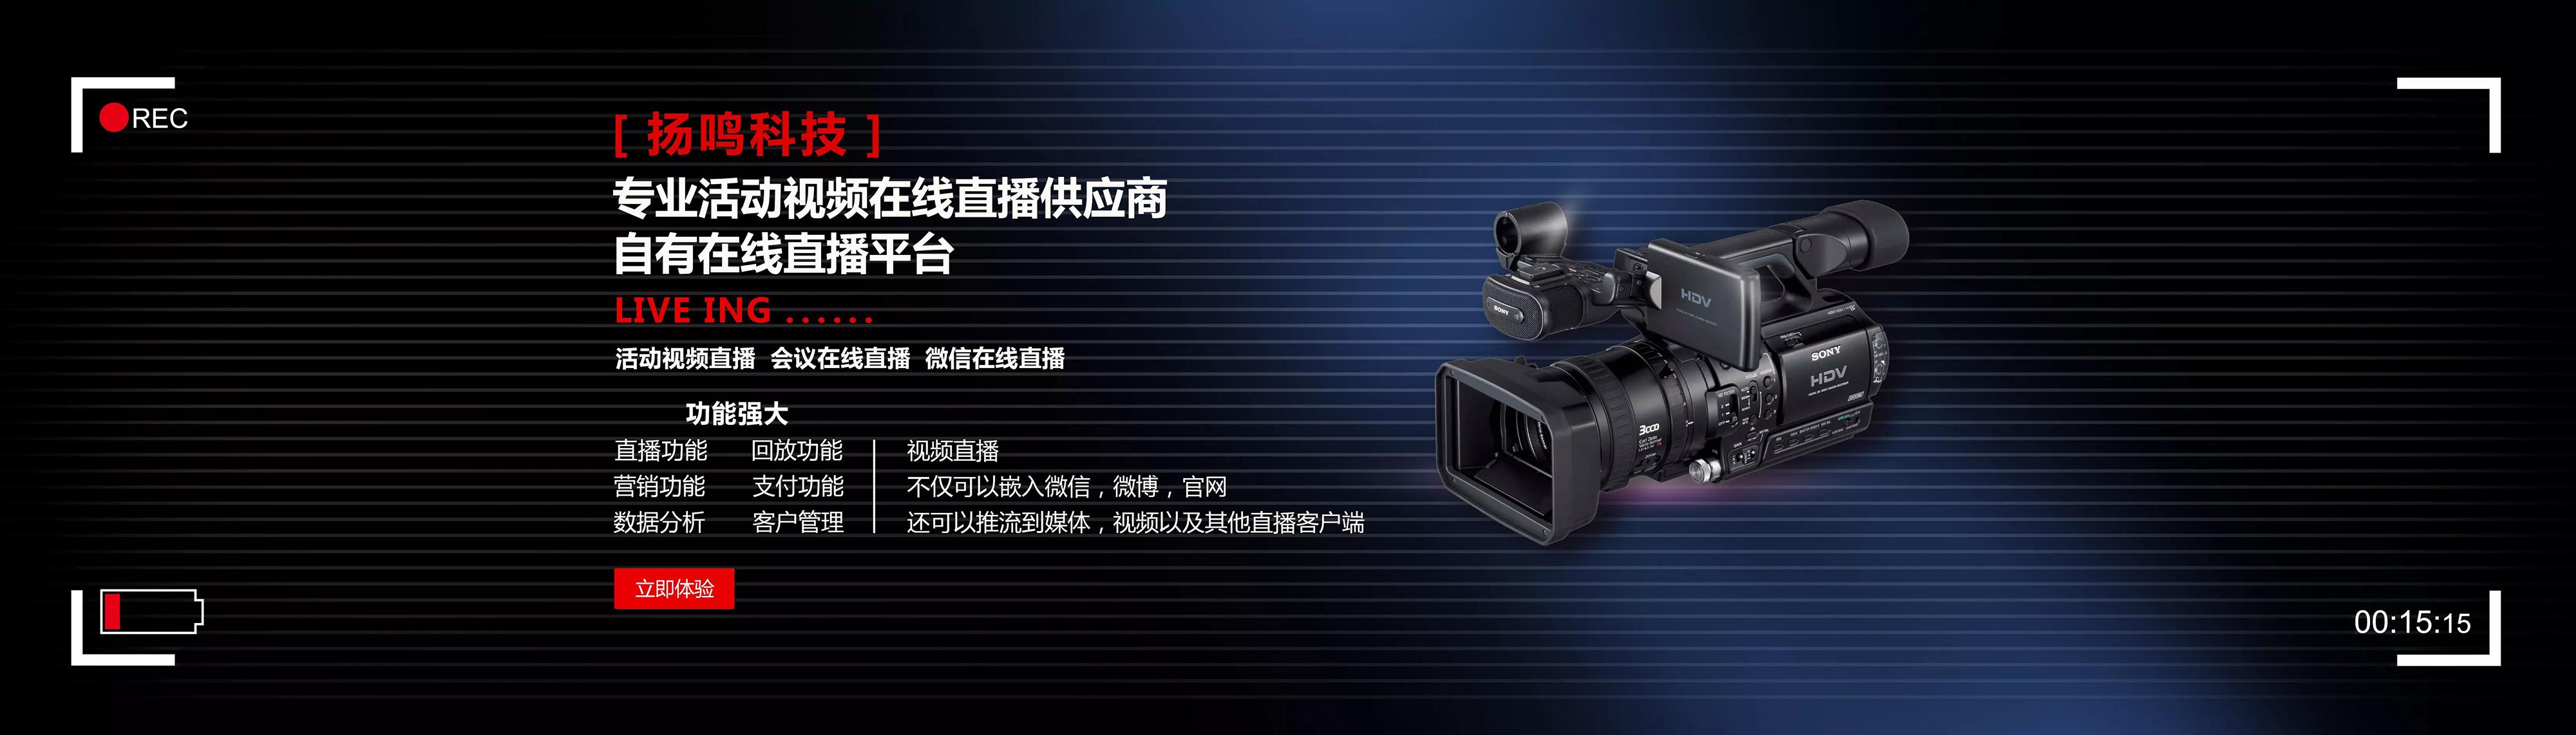 上海视频直播